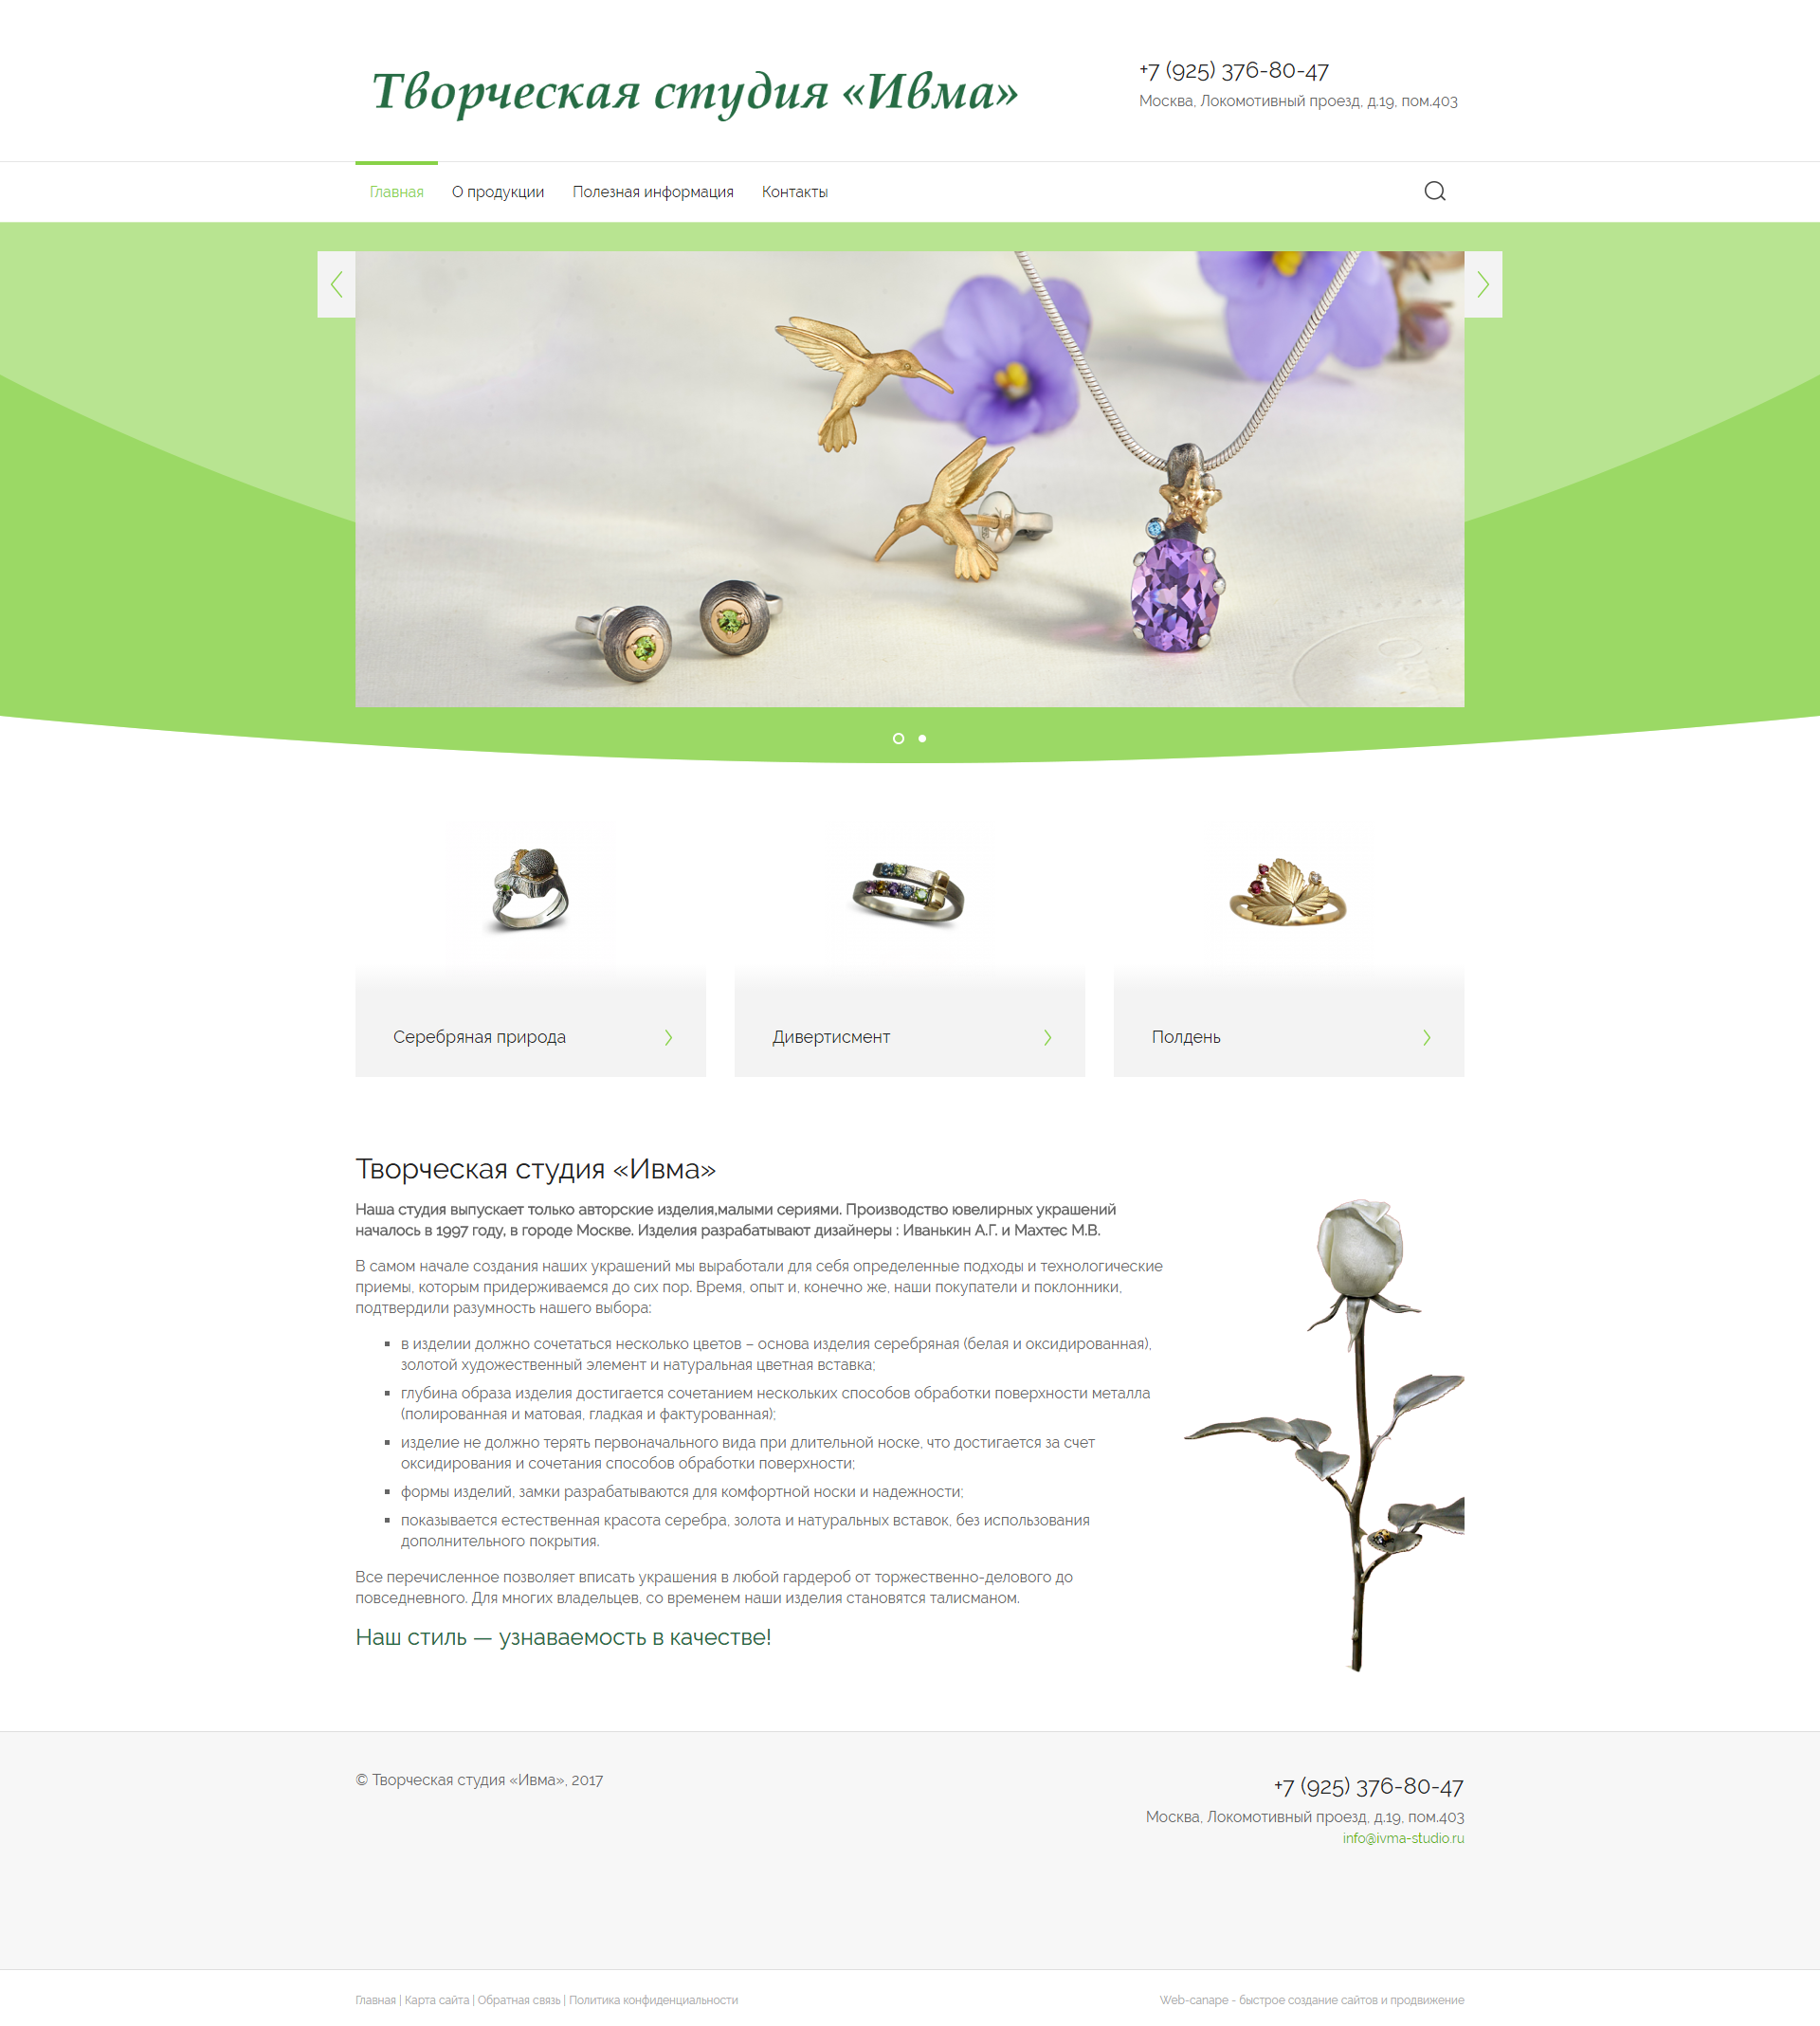 Разработка сайта для творческой мастерской «Ивма»